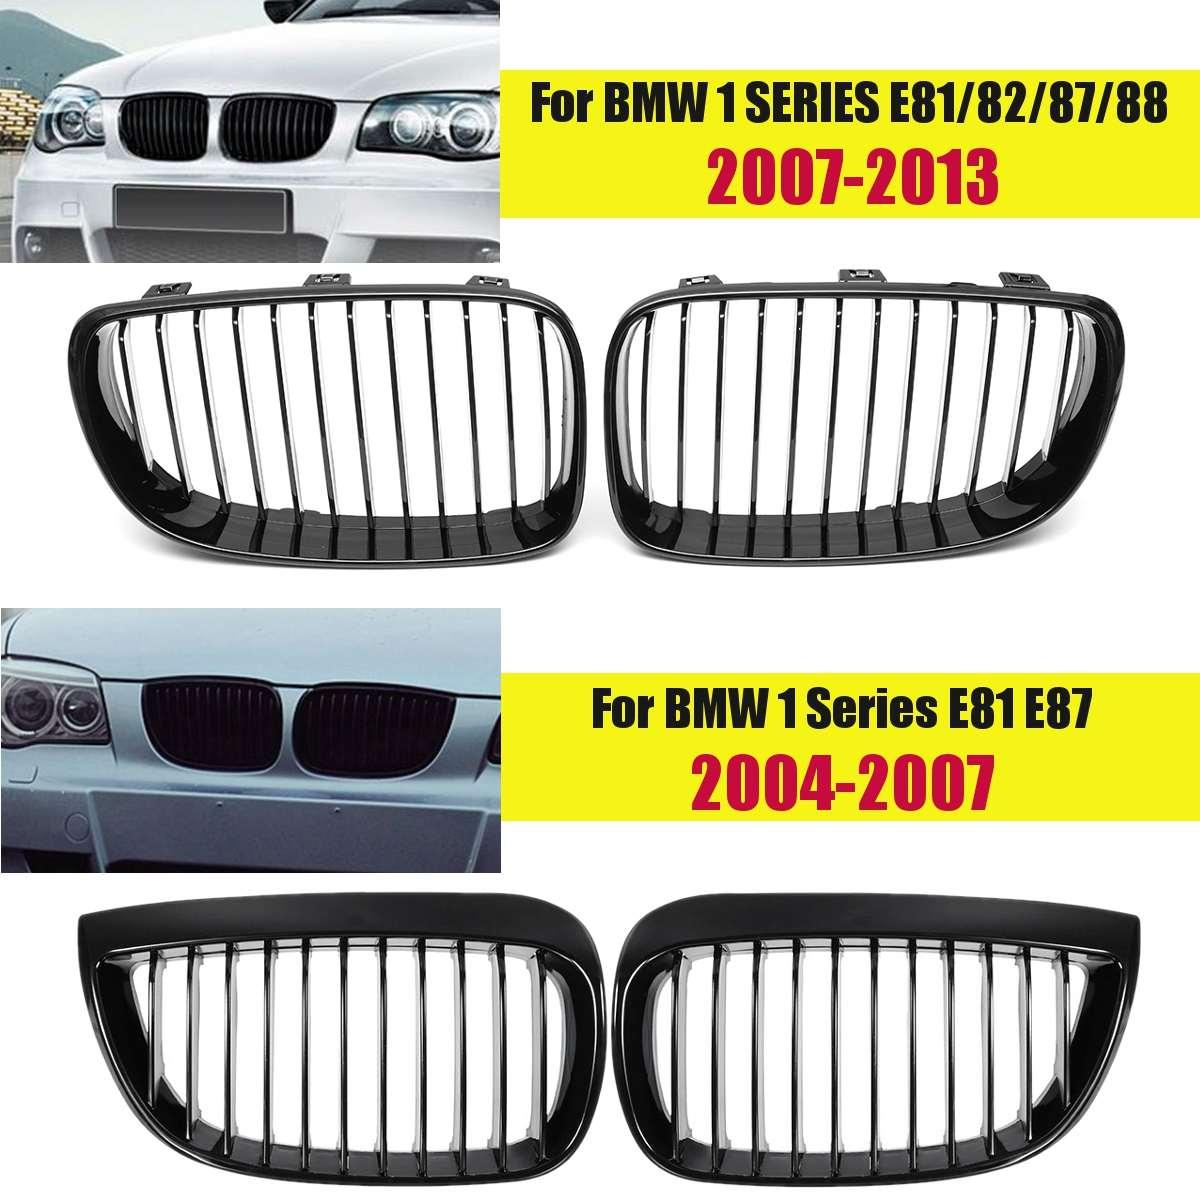 1 paire de Grilles avant noires brillantes | Pour BMW série 1 E81/E82/E87/E88 2007 2008 2009 2010 2011 2012 2013